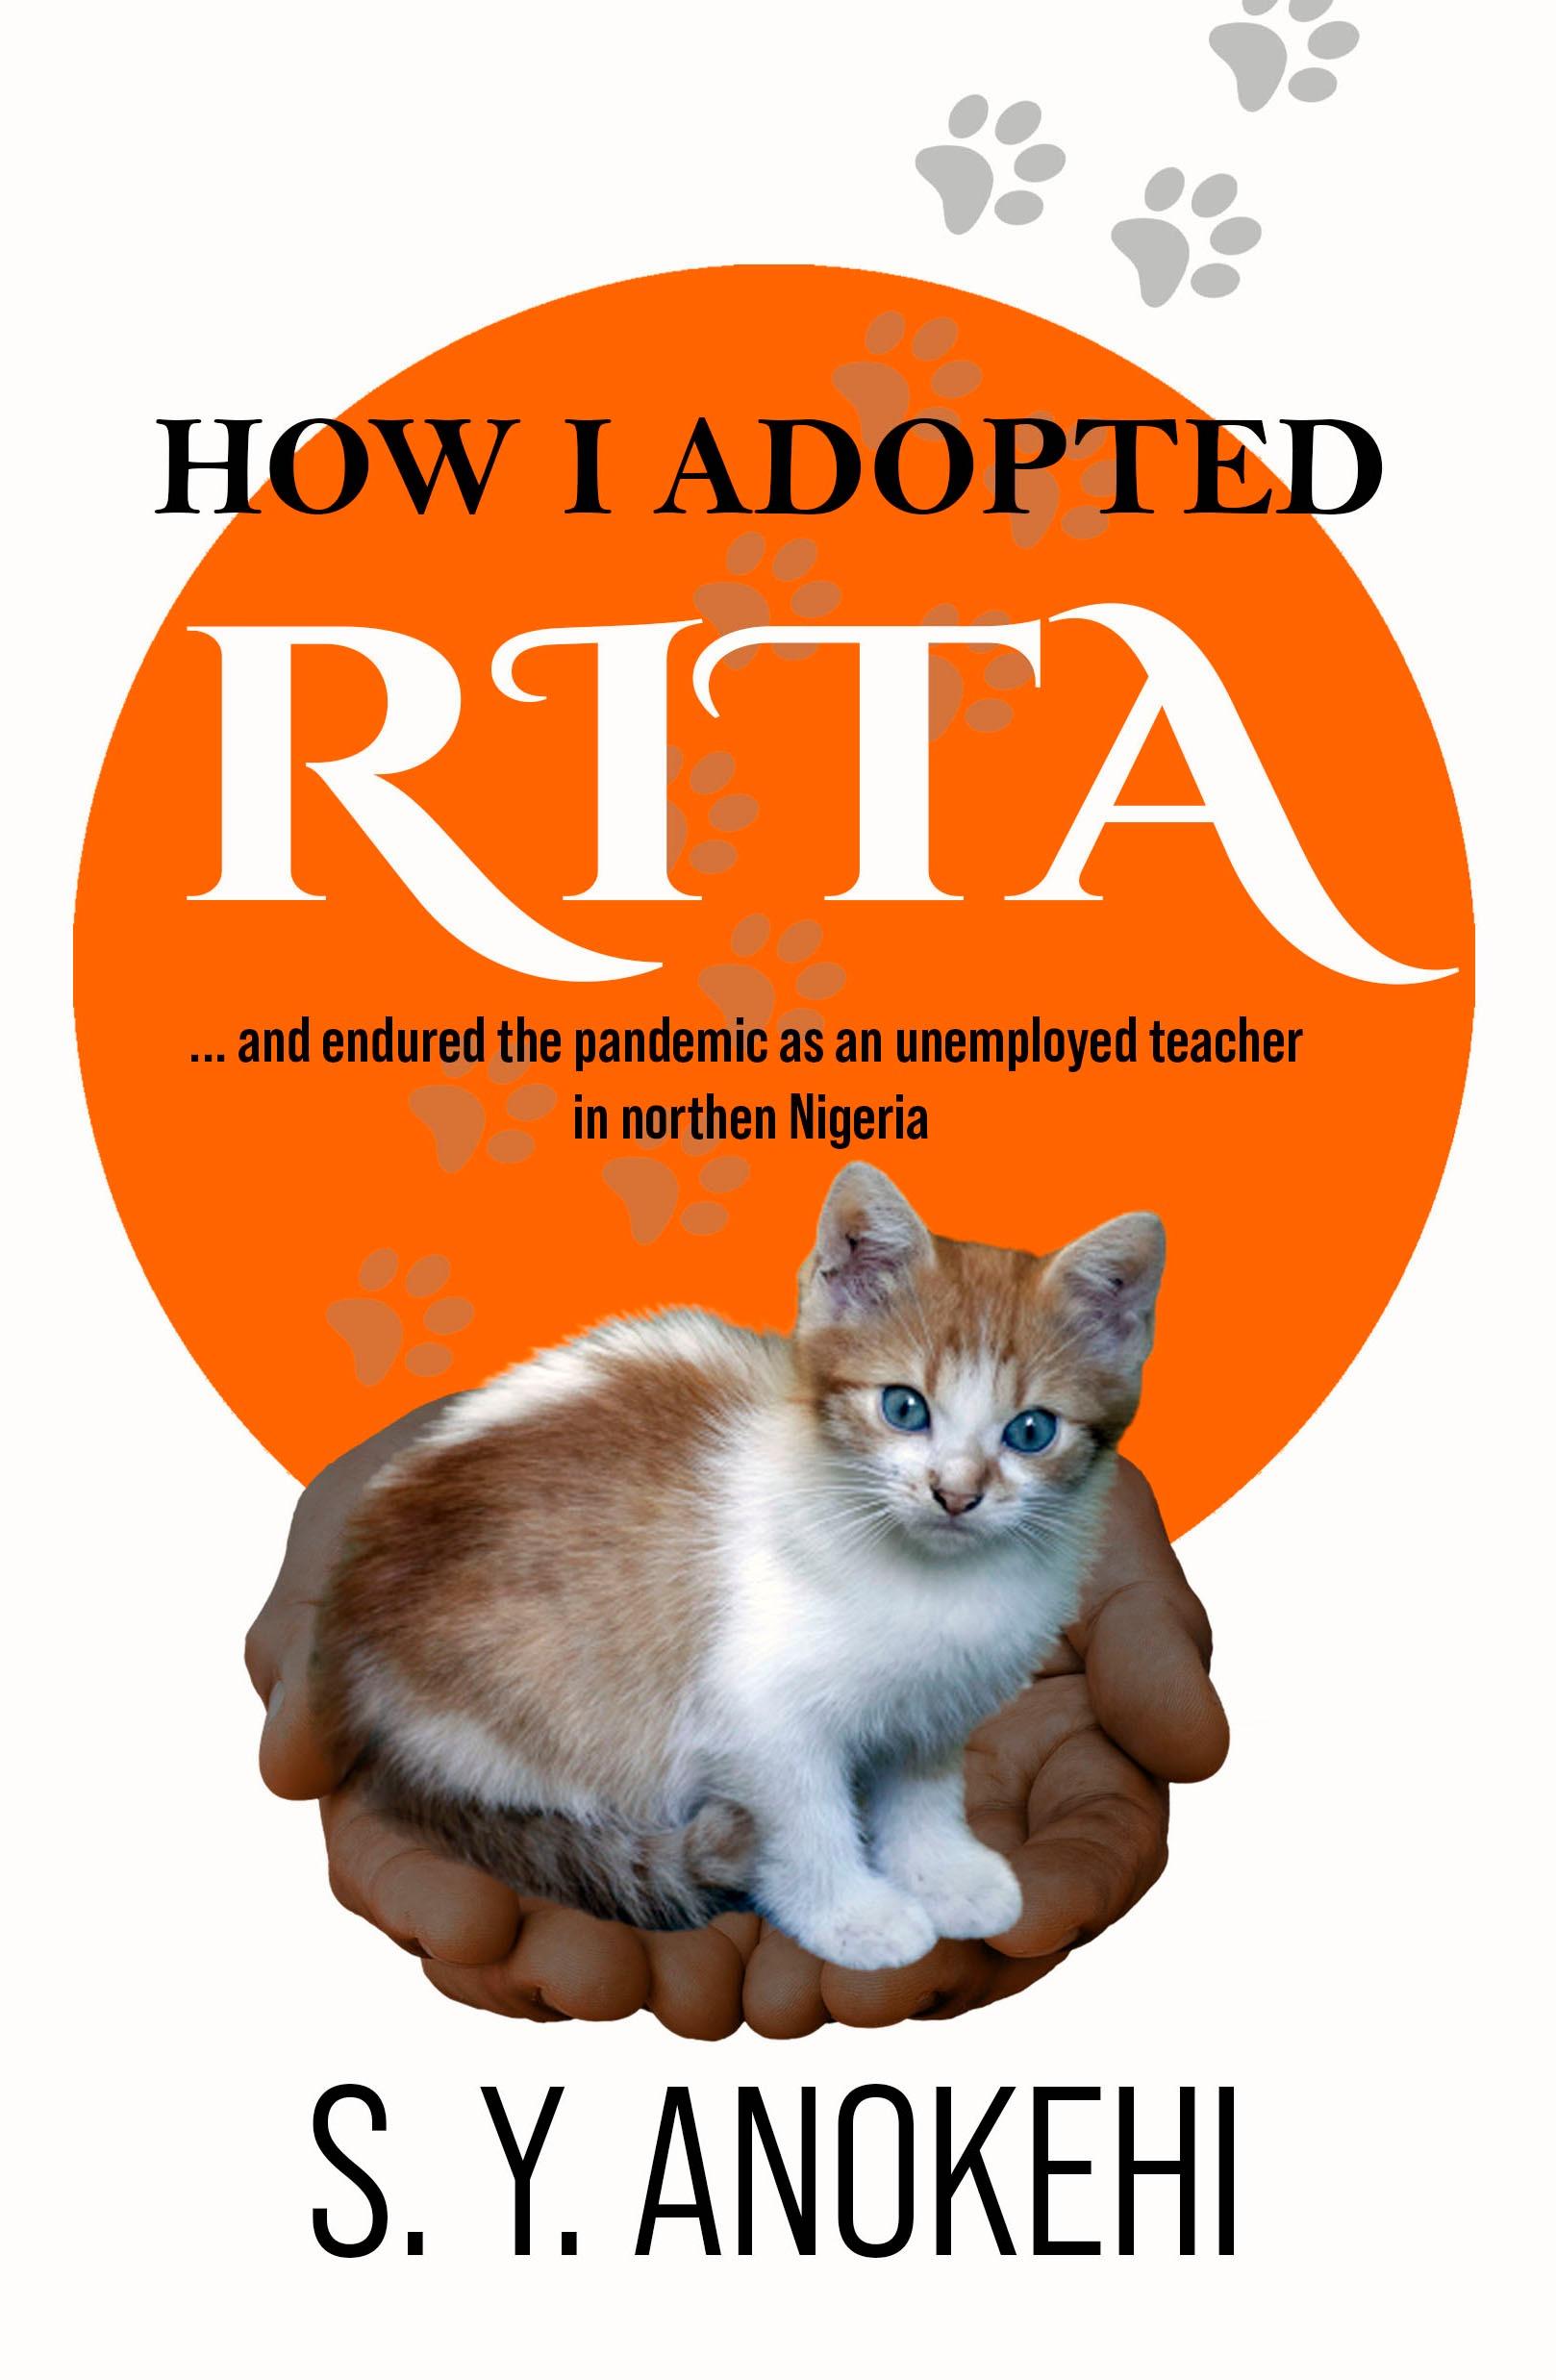 HOW I ADOPTED RITA